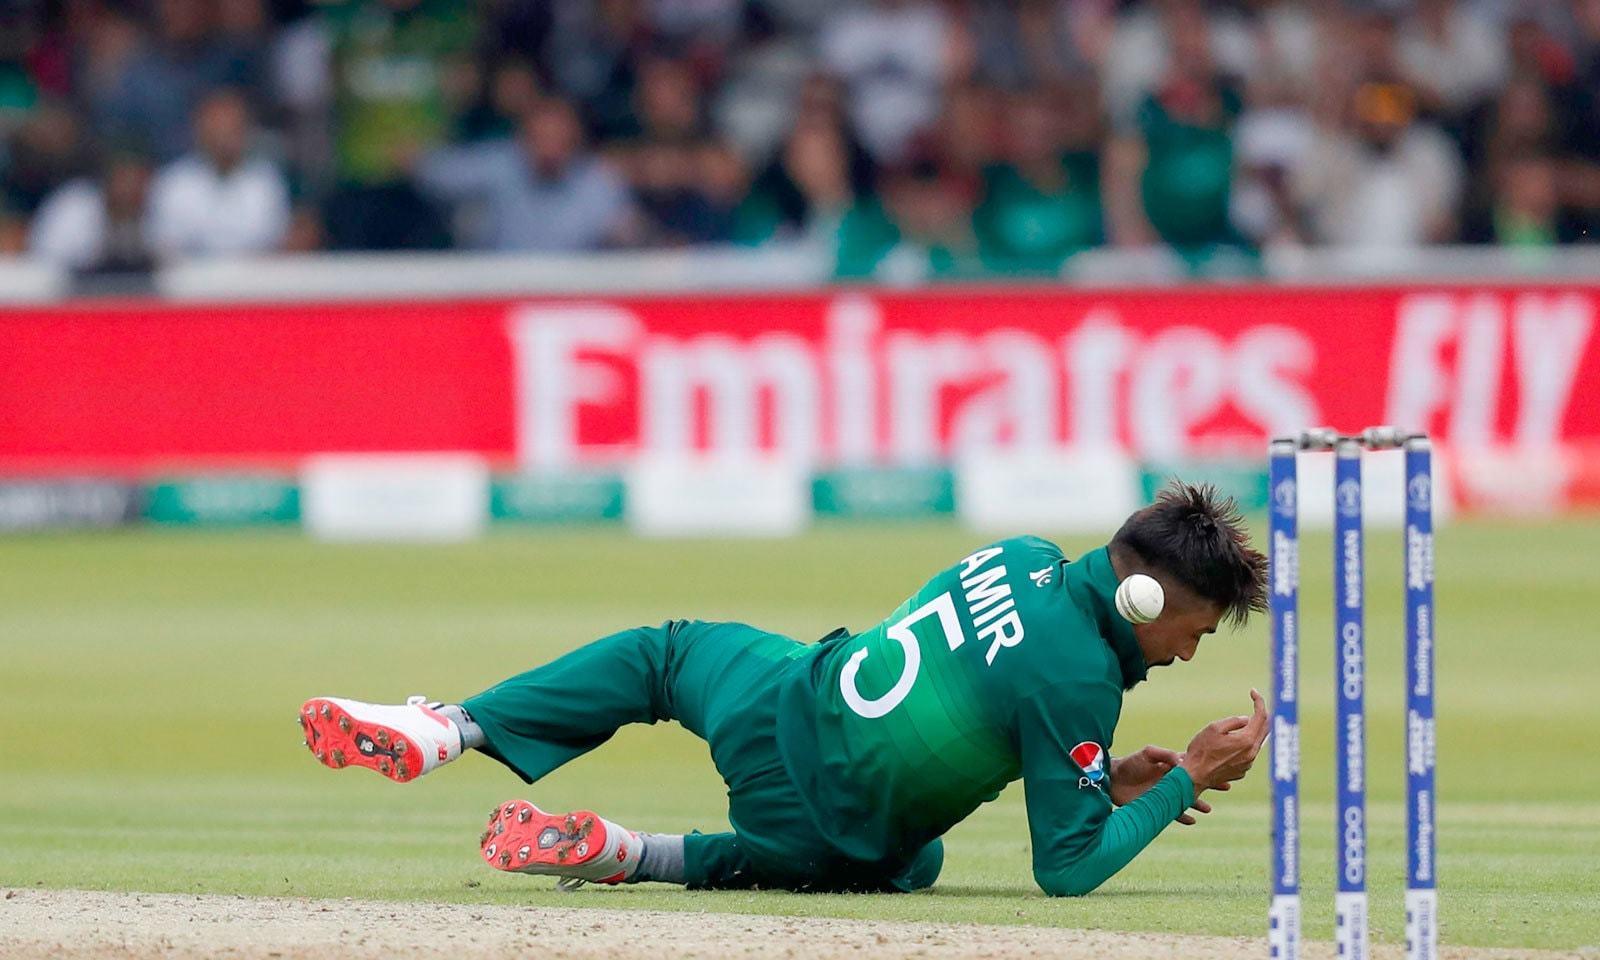 محمد عامر اپنی ہی گیند پر ڈیوڈ ملر کا کیچ چھوڑتے ہوئے